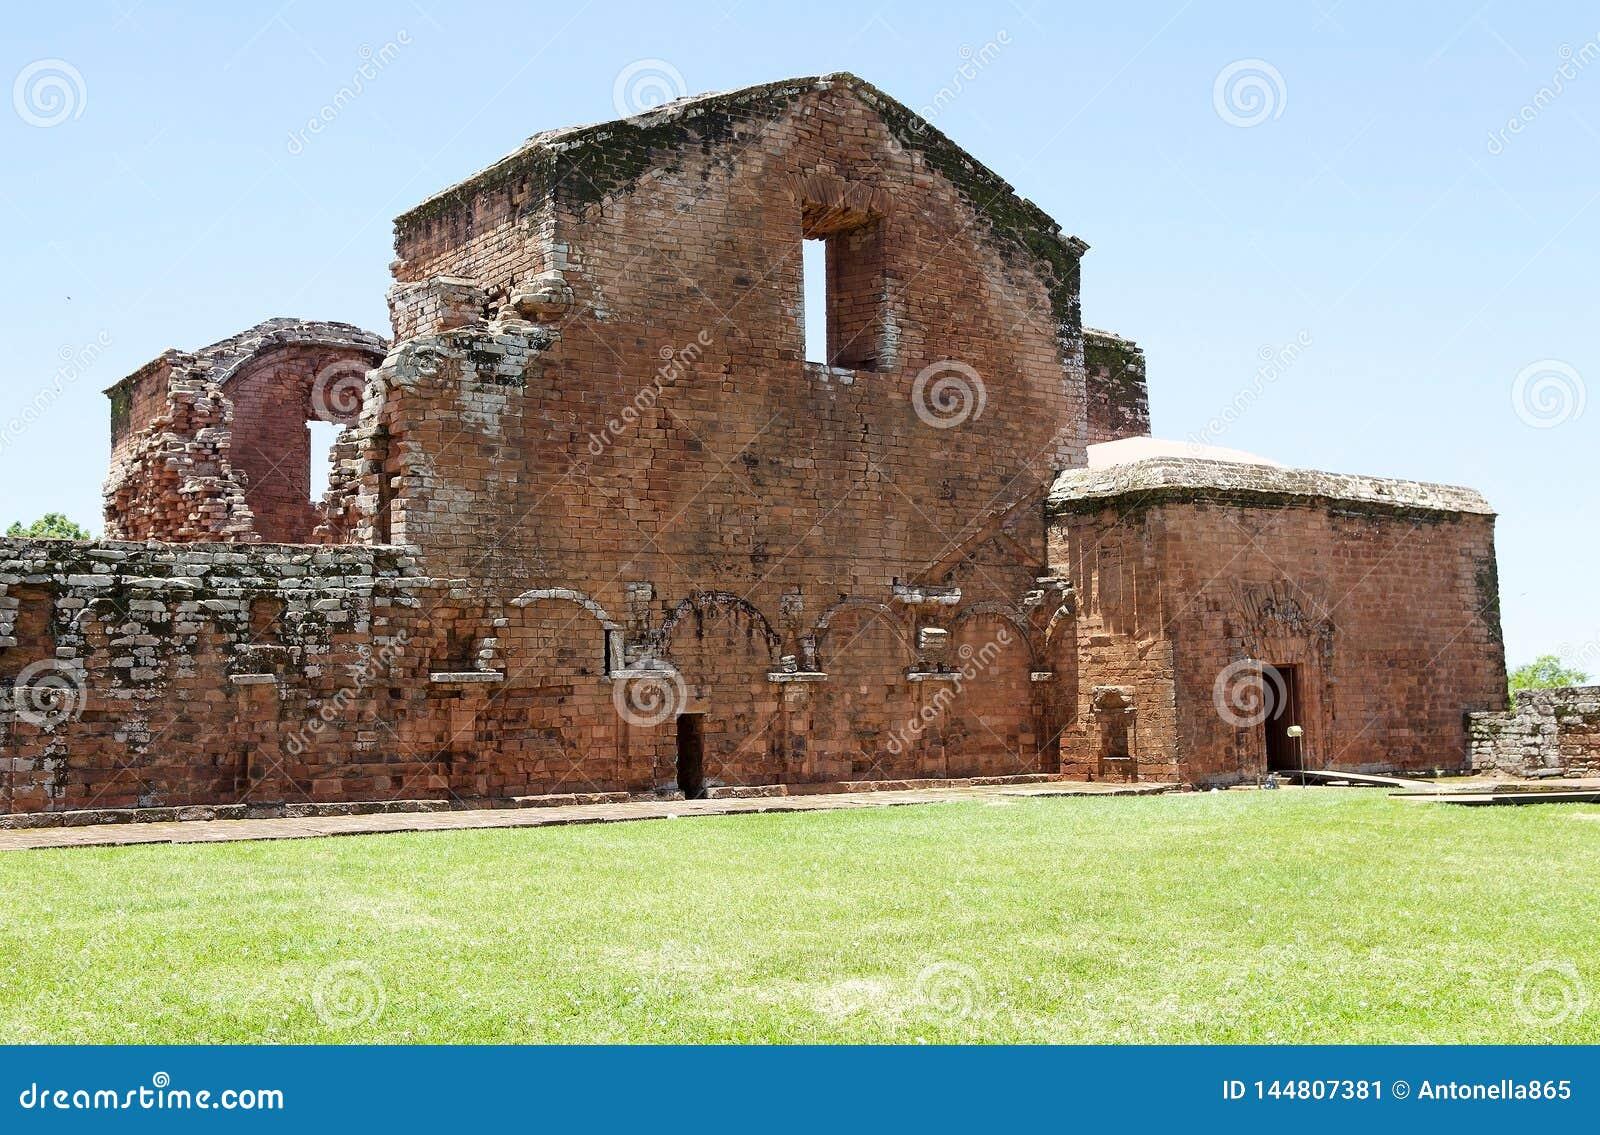 Missions de jésuite de La Santisima Trinidad de ParanÃ, Paraguay